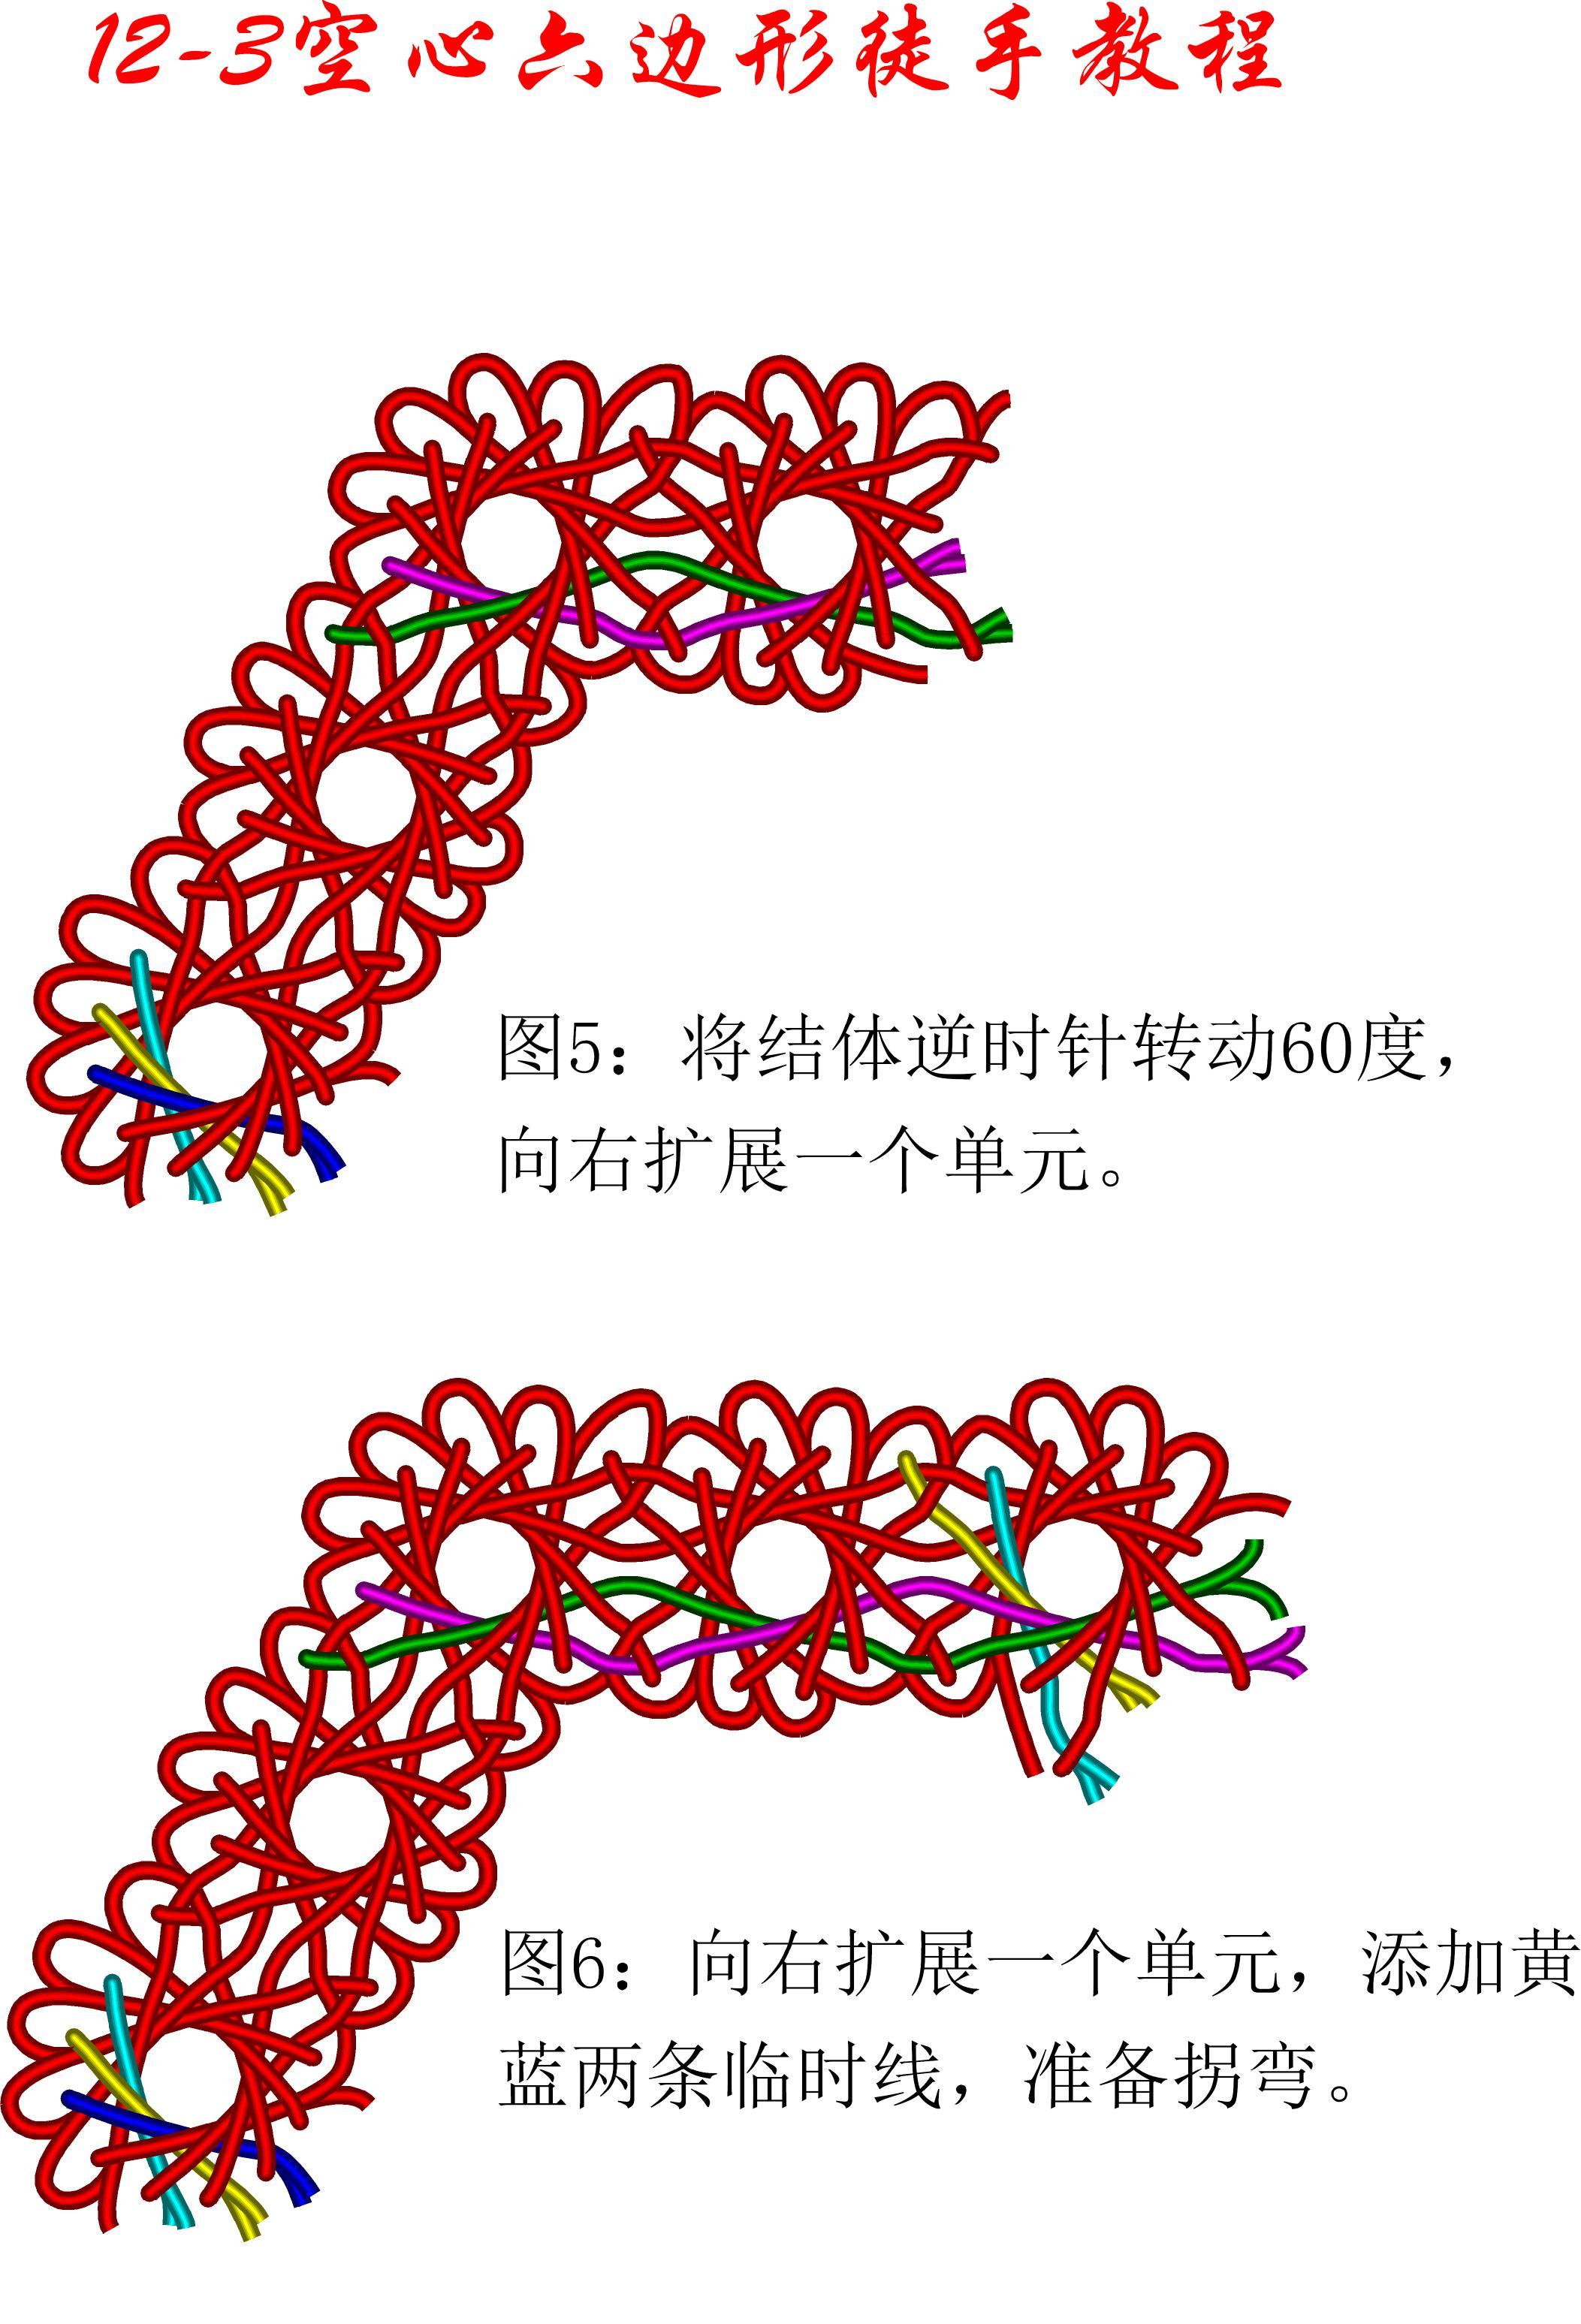 中国结论坛 12-3空心六边形盘长徒手教程 教程,六边形灯笼,六边形盒子,剪纸六边形 丑丑徒手编结 110434lll33sxlza3b2i25